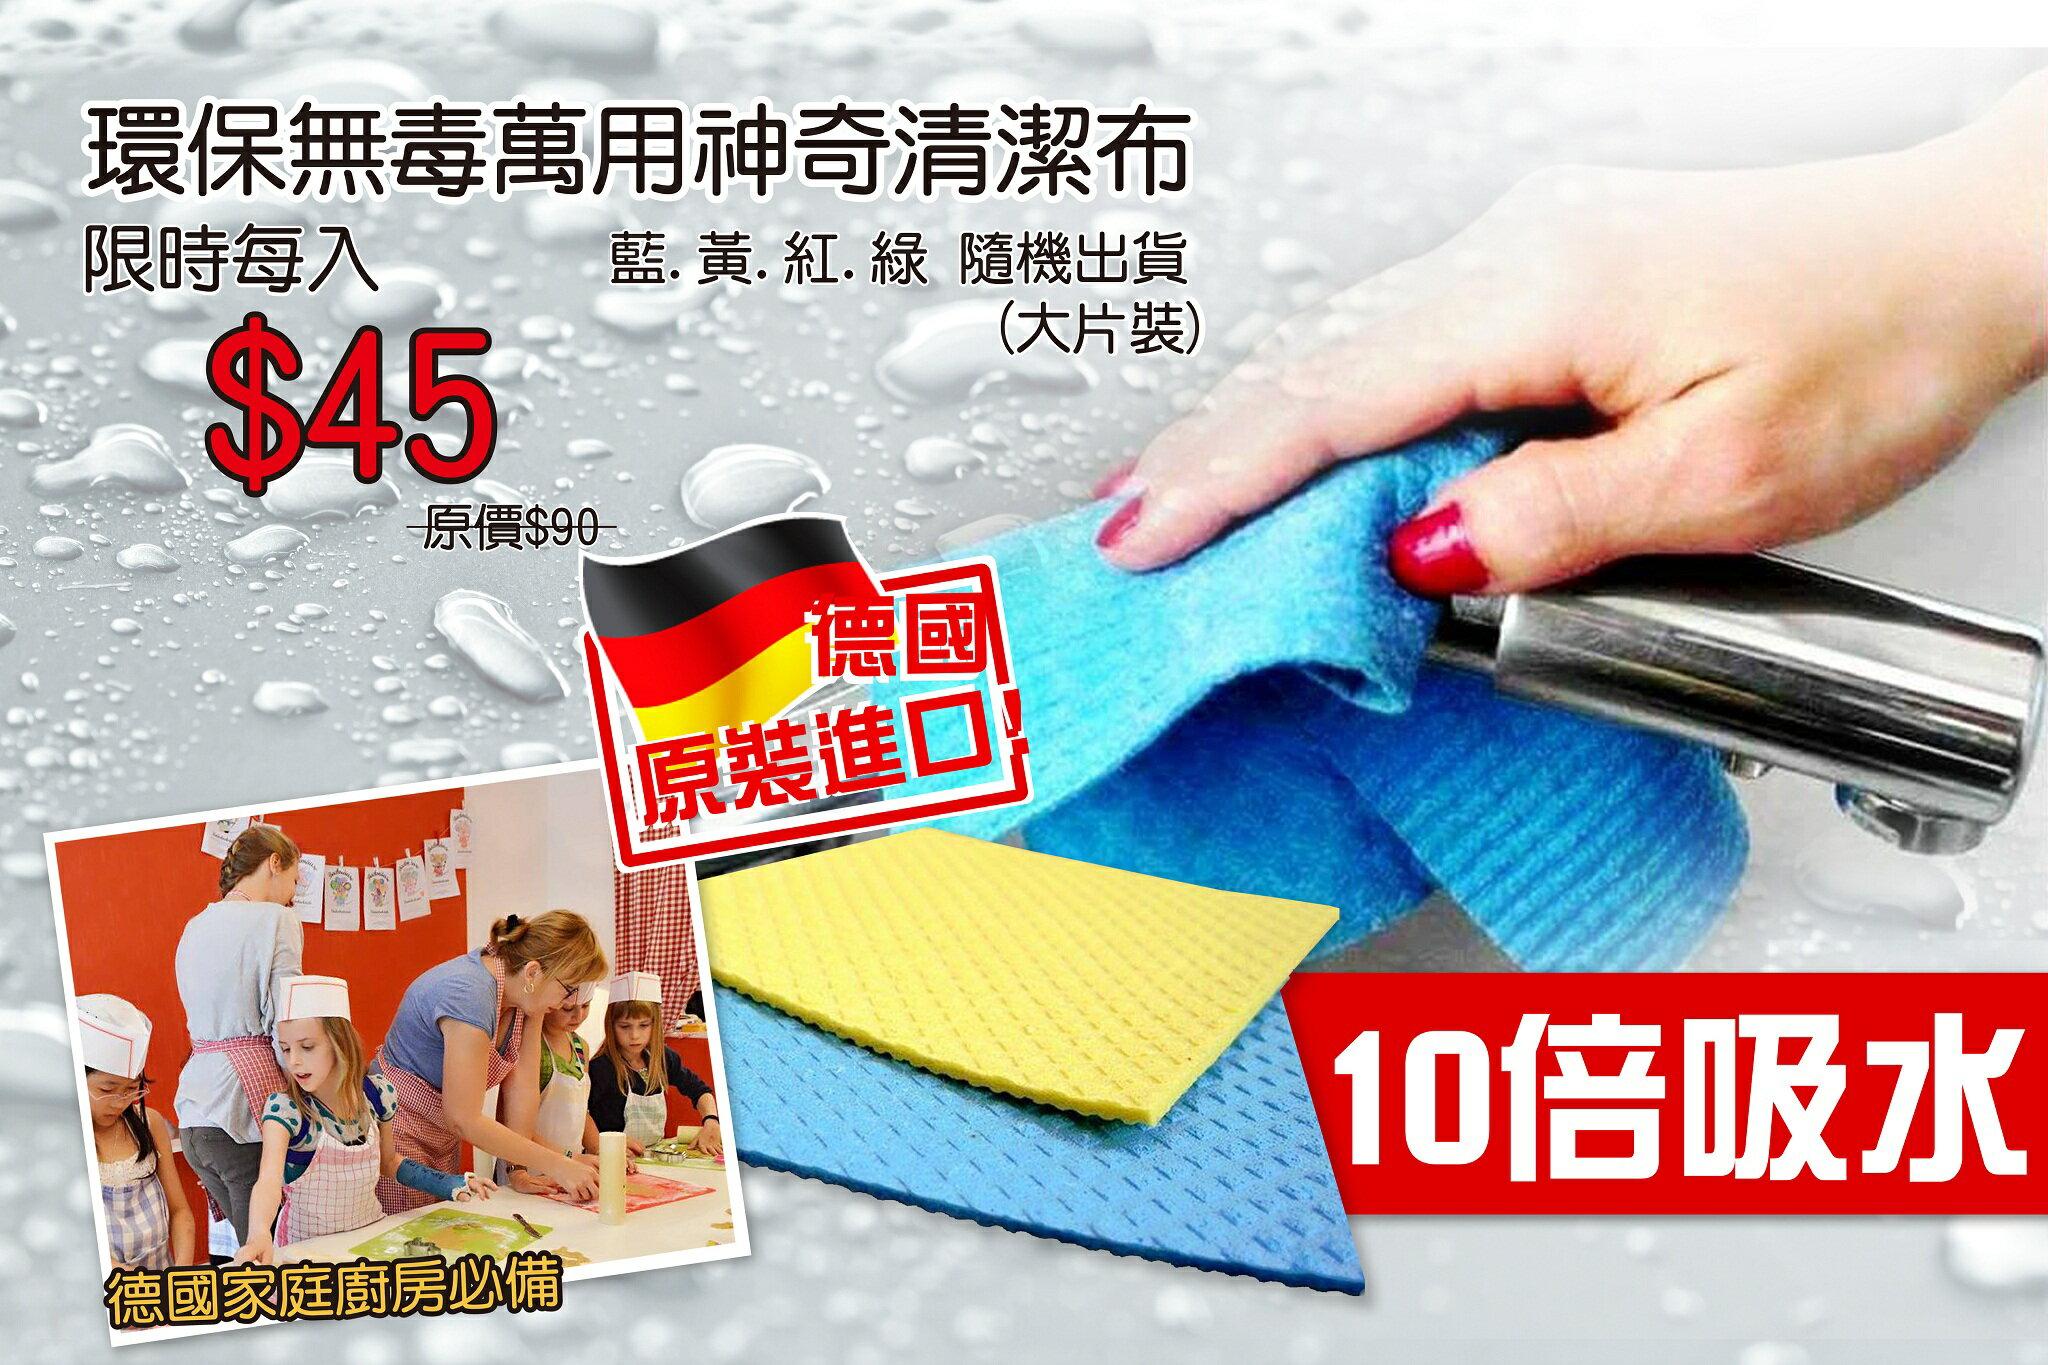 清涼大特價 229/5入/包(大片裝)..原價275/5入/包,100%德國抹布 環保無毒神奇萬用清潔布